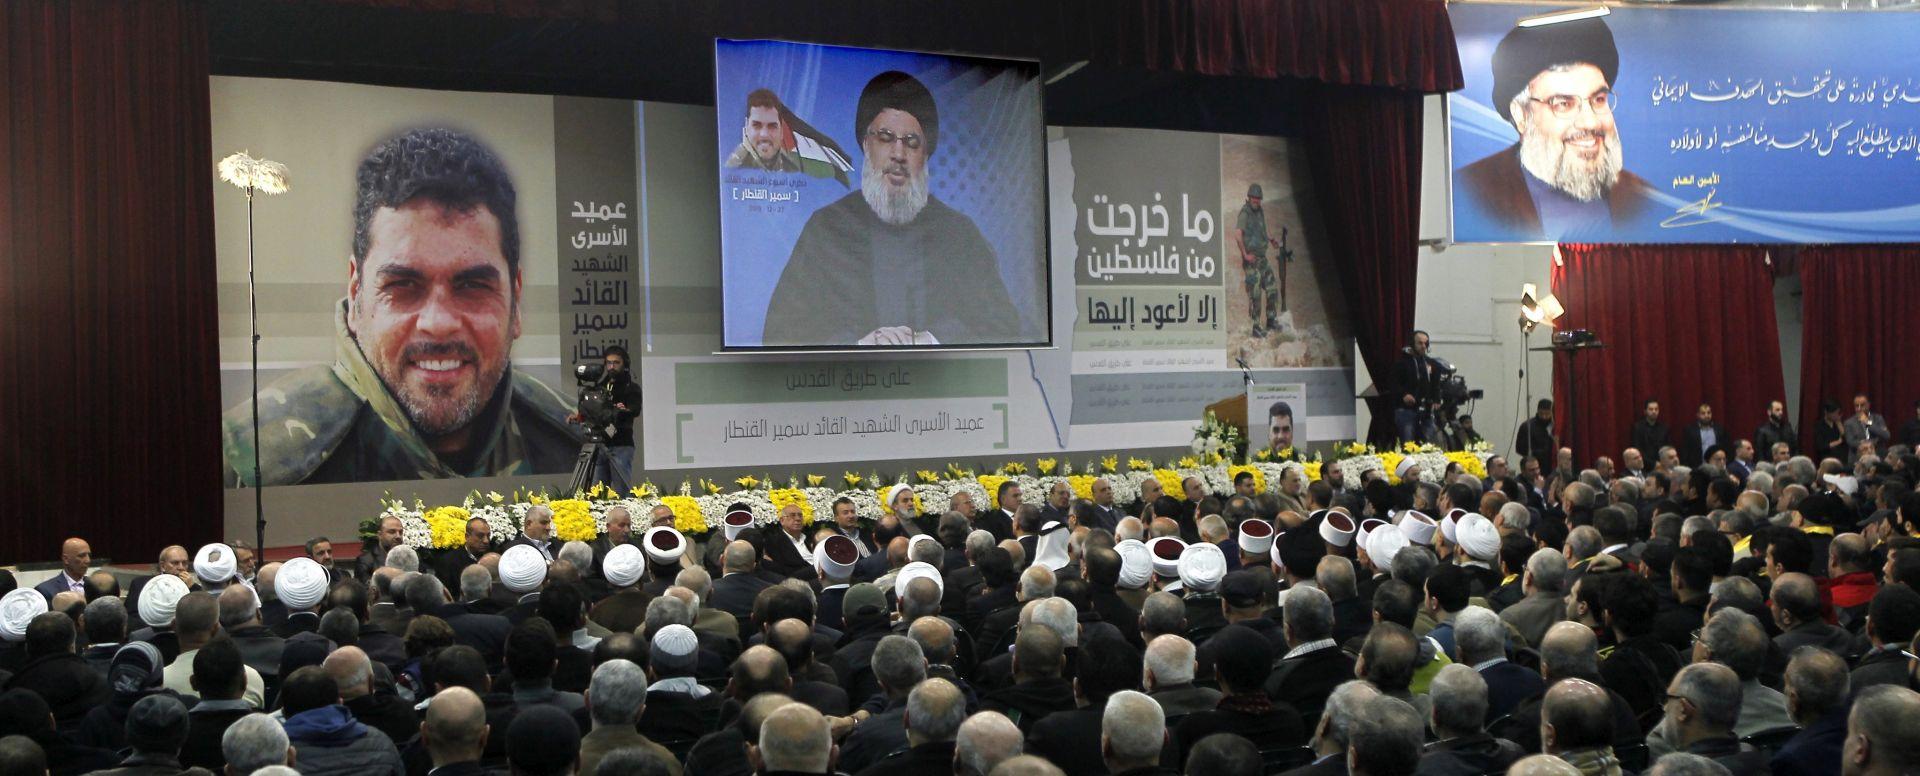 ZBOG UBOJSTVA SAMIRA KANTARA: Hezbolah poručuje Izraelu da se pripremi za odmazdu